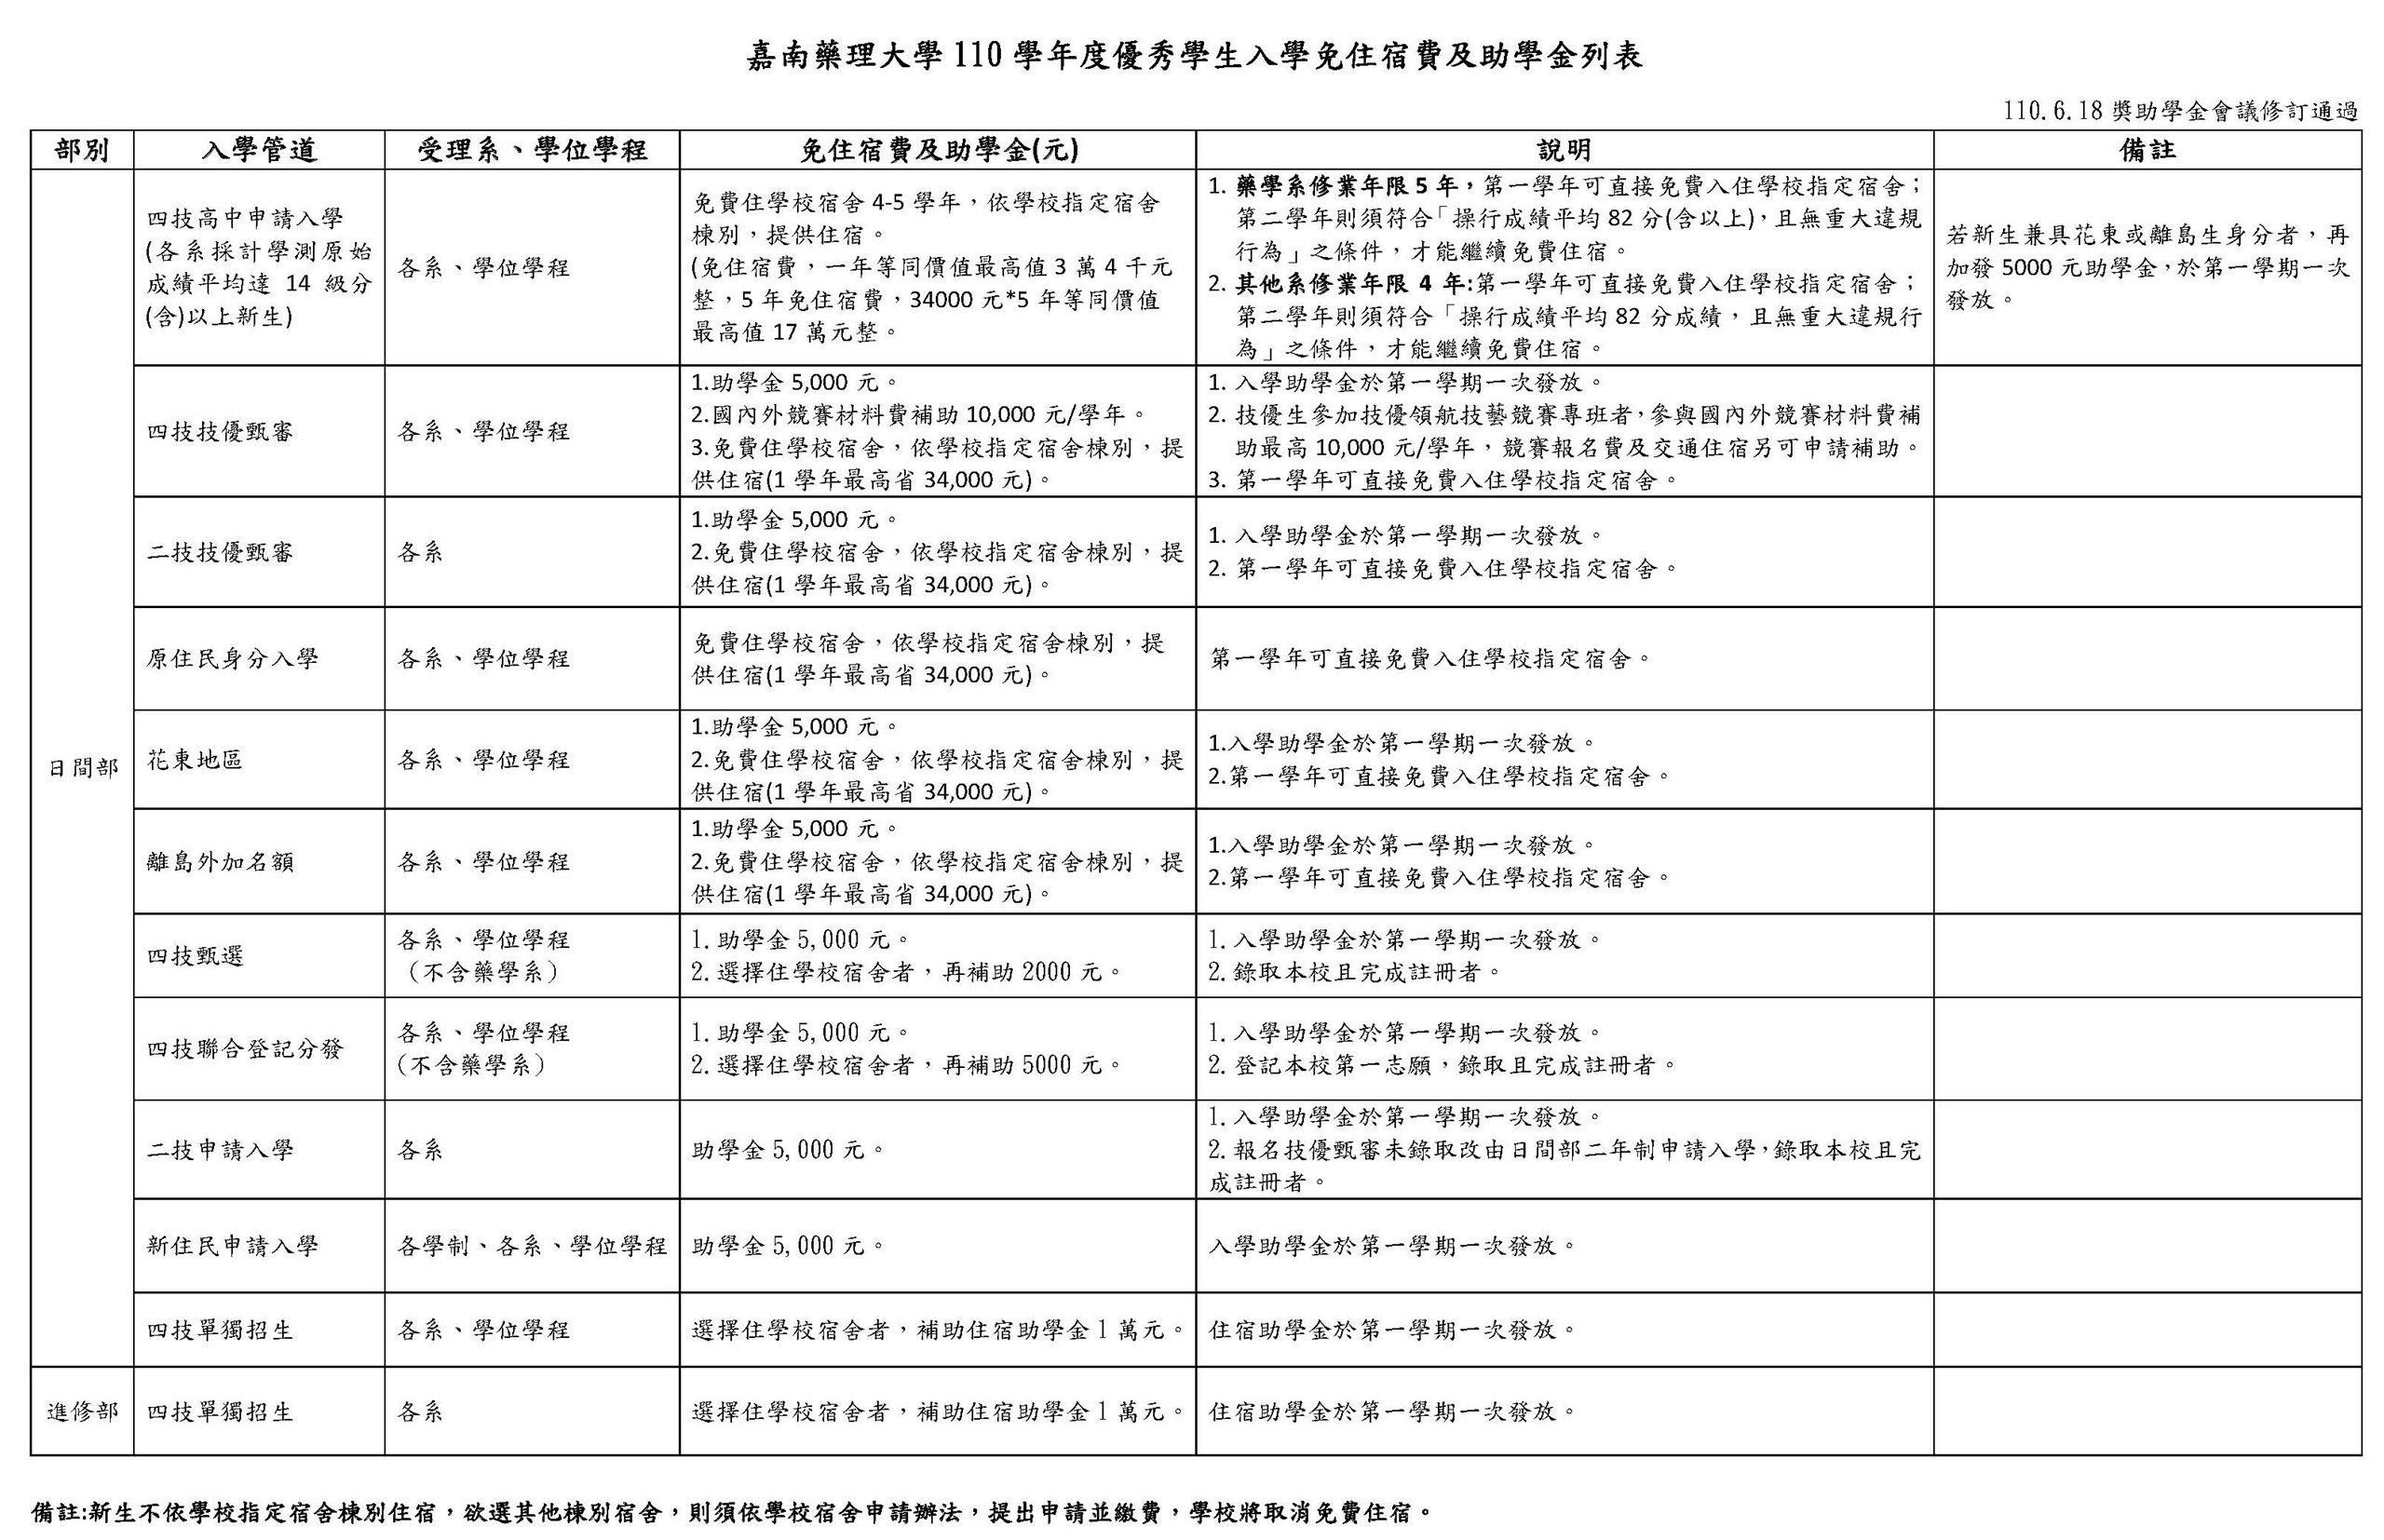 嘉南藥理大學 110 學年度優秀學生入學免住宿費及助學金列表(1100618修訂)